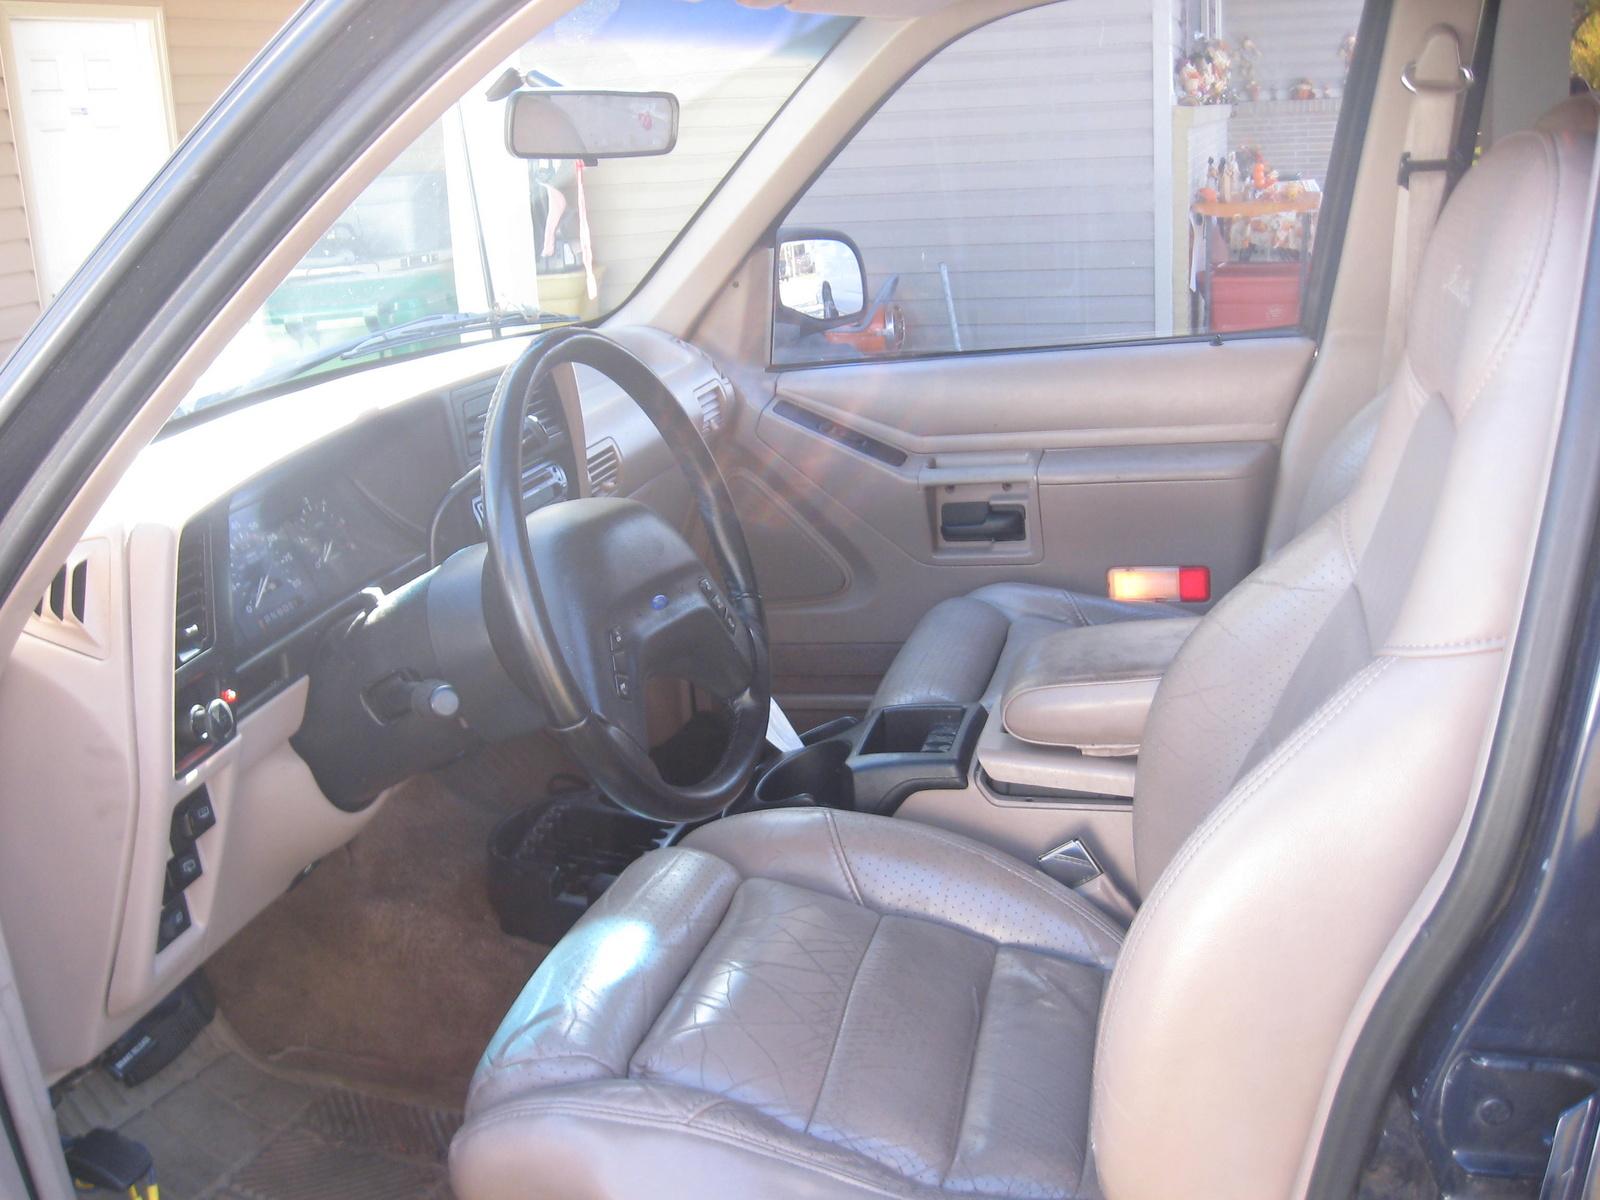 1993 Ford Explorer #4 Ford Explorer #4